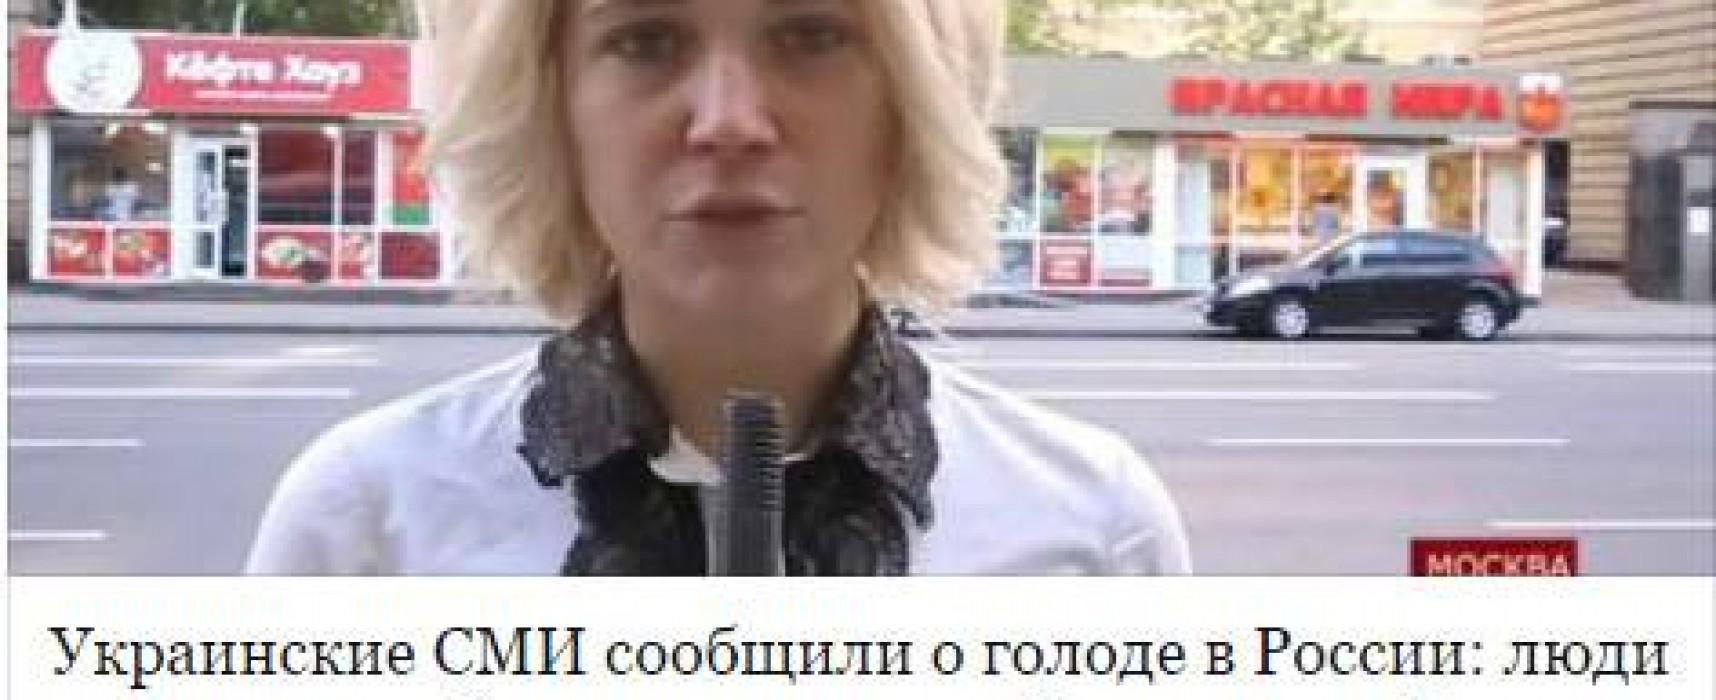 Фейк российских телеканалов: украинские СМИ сообщили о голоде в России (обновлено)